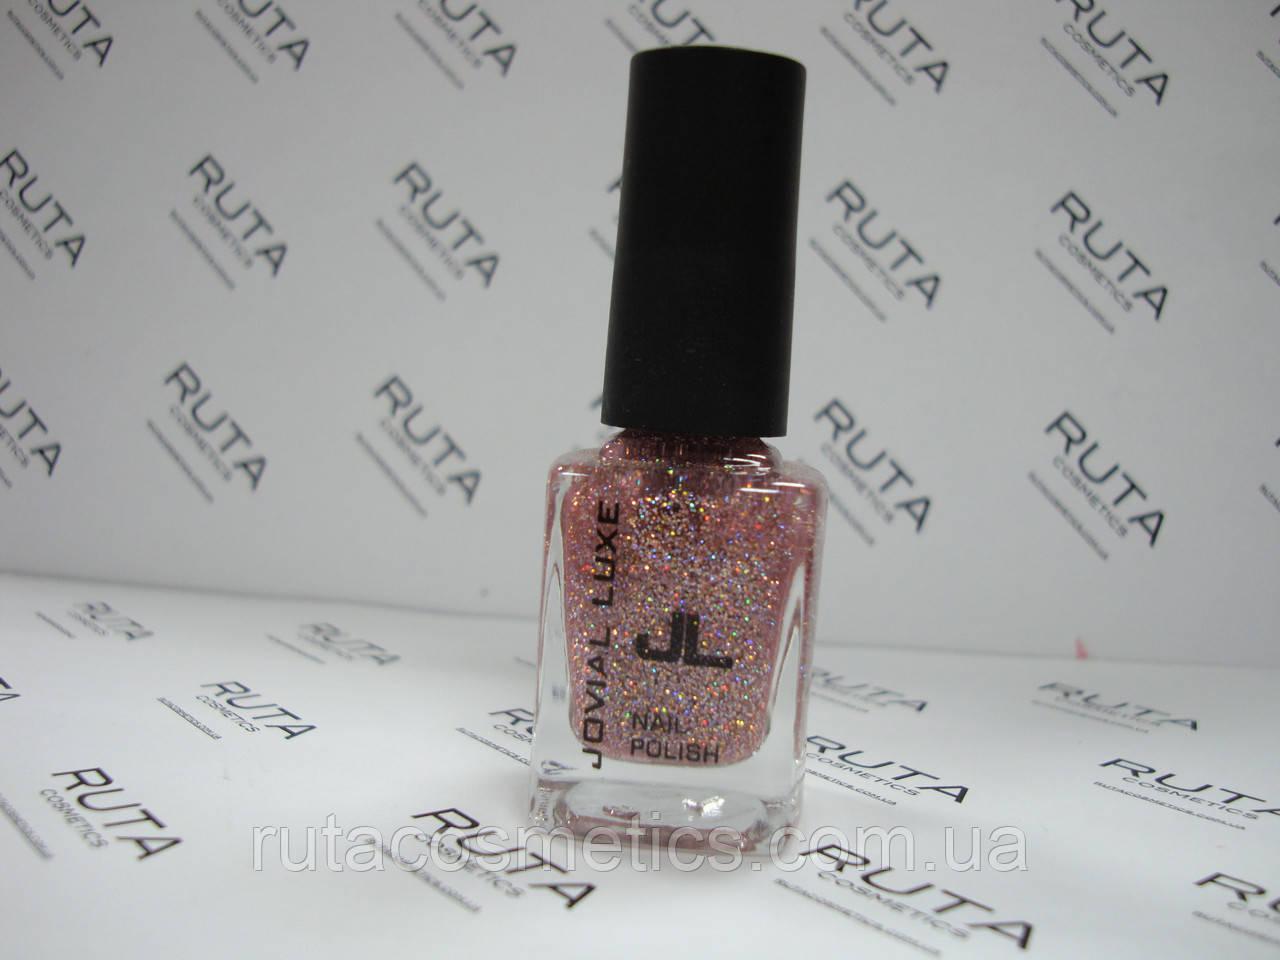 Лак для ногтей с блестками Jovial Luxe 403 розовый